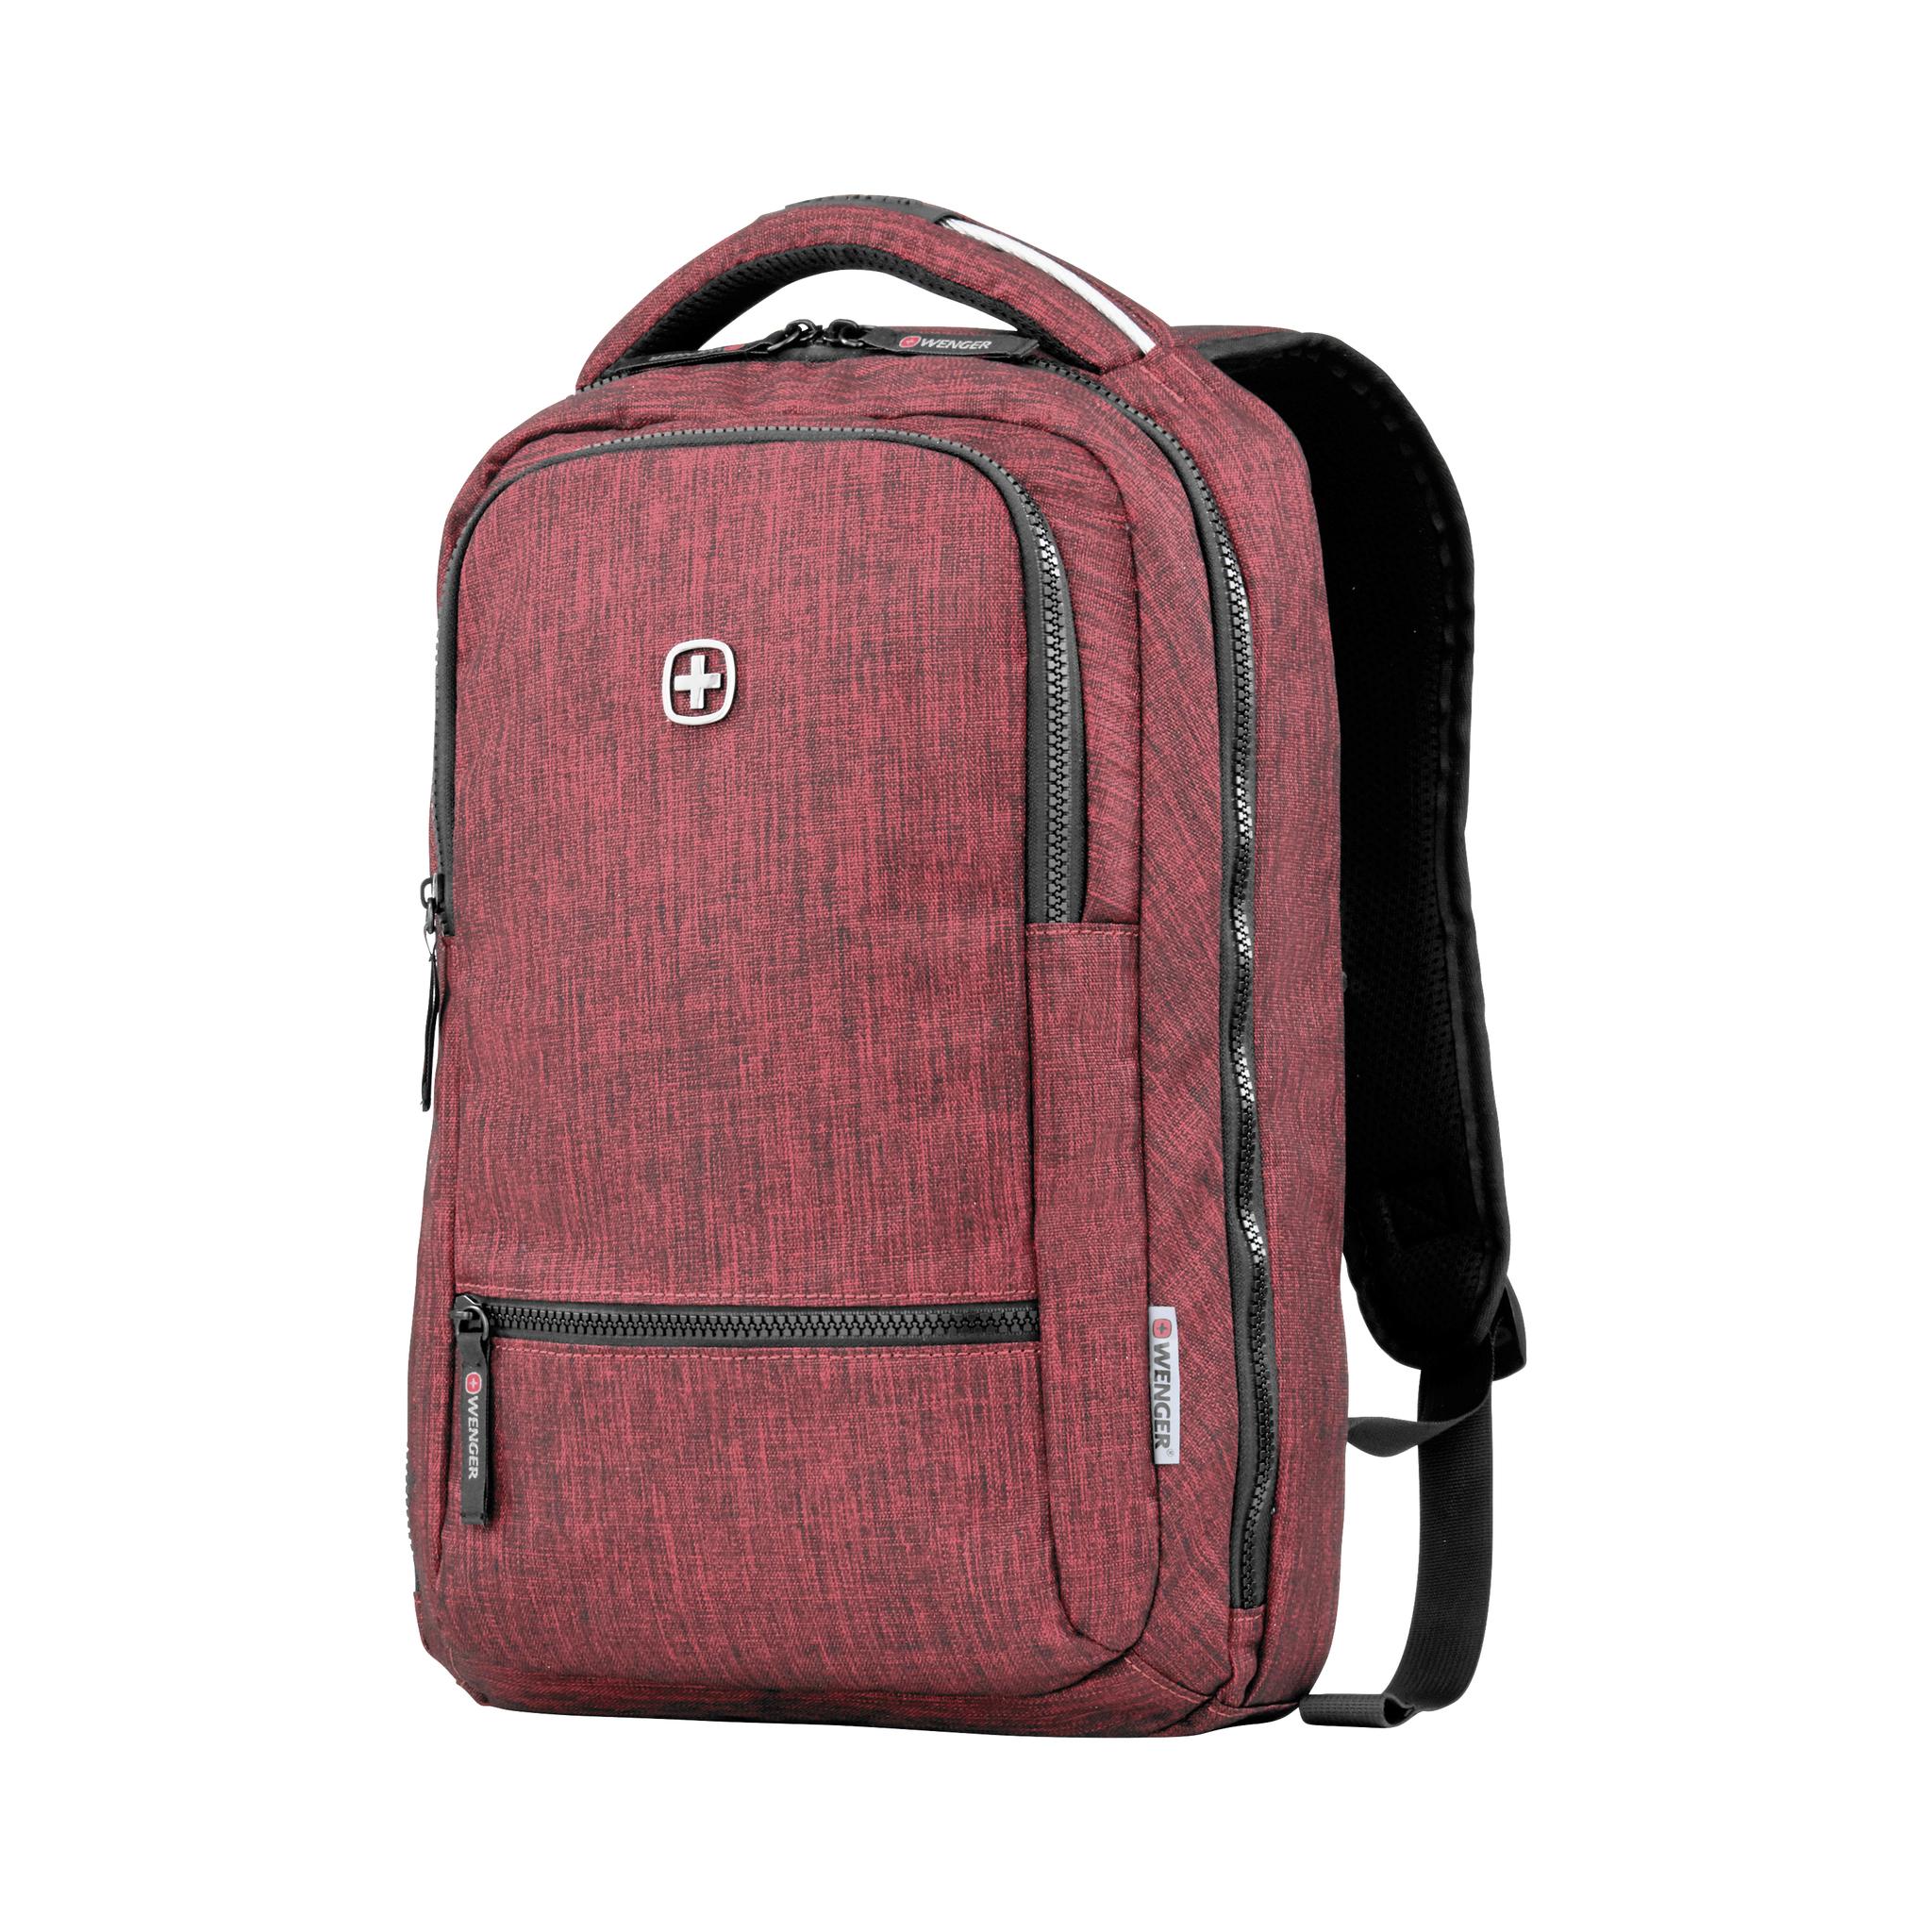 Рюкзак WENGER Rotor, цвет бордовый, отделение для ноутбука 14